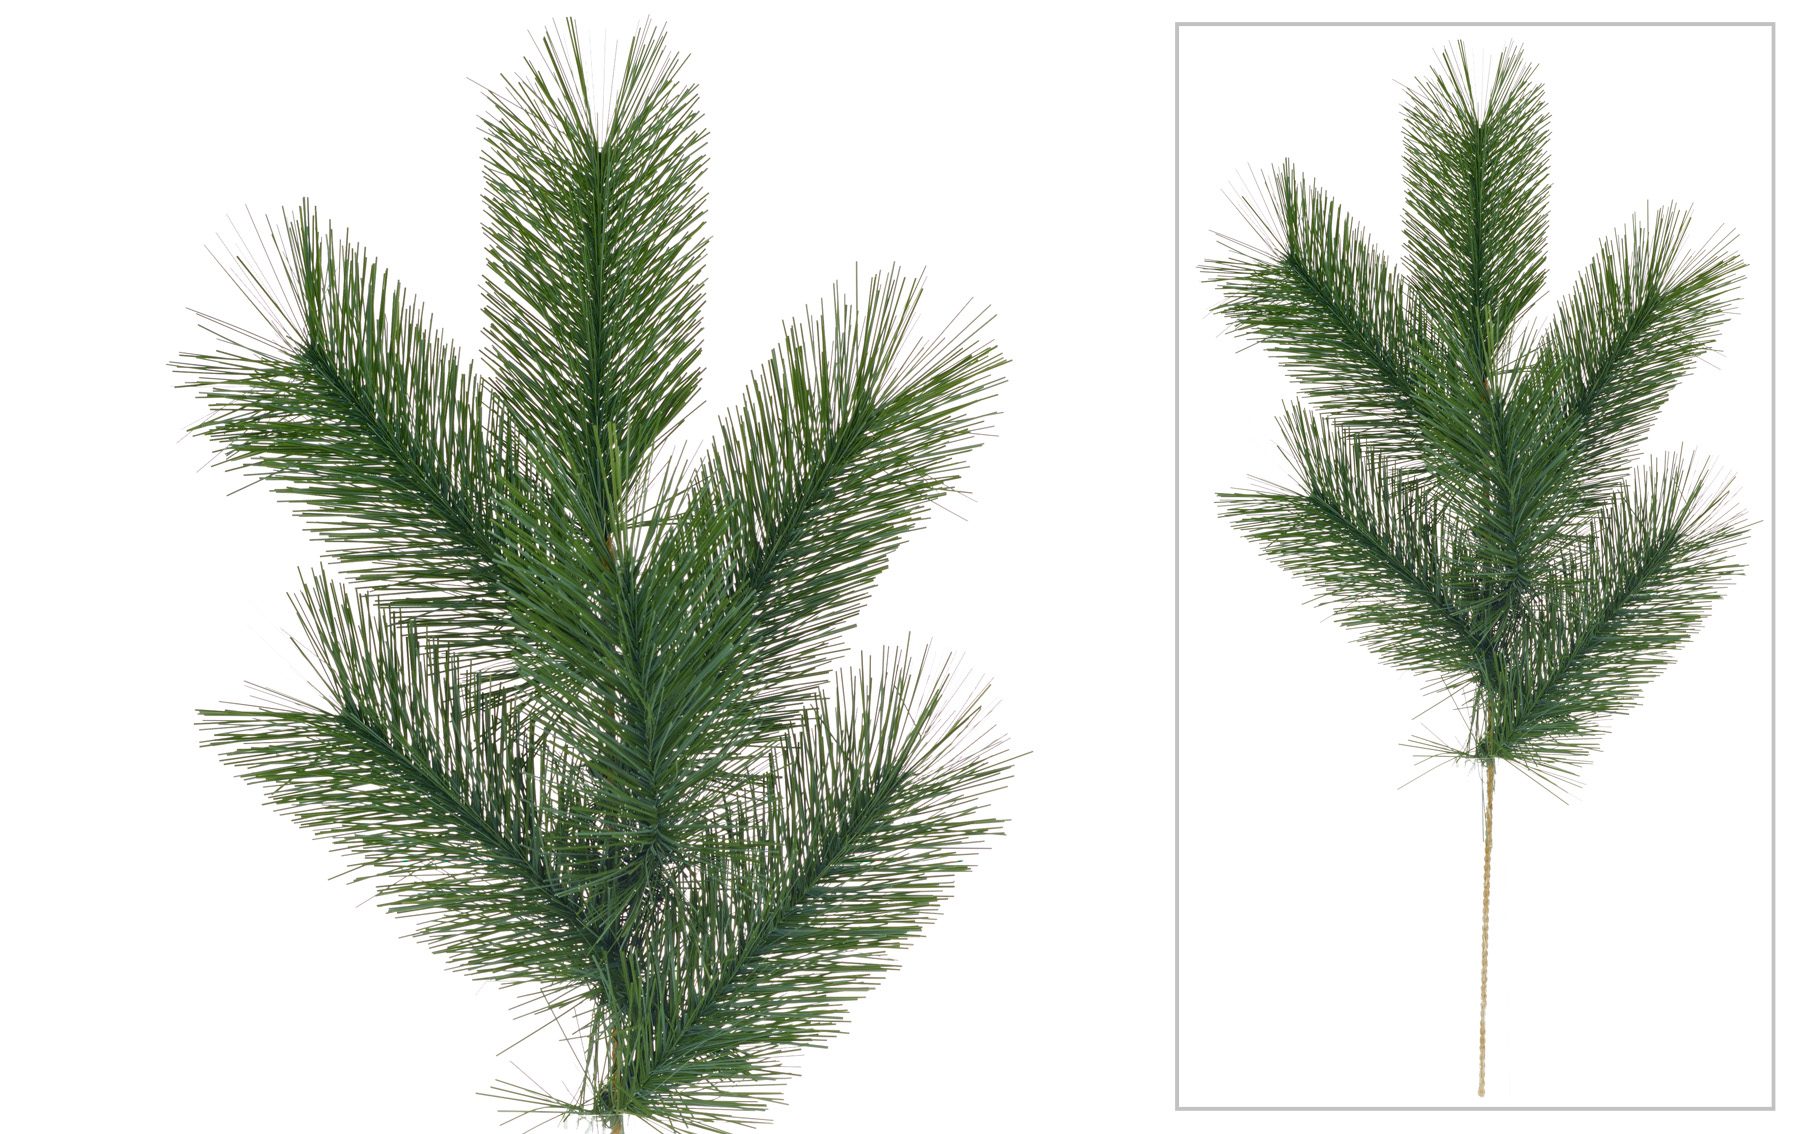 rama de pino navidad www.floresymuchomas.com